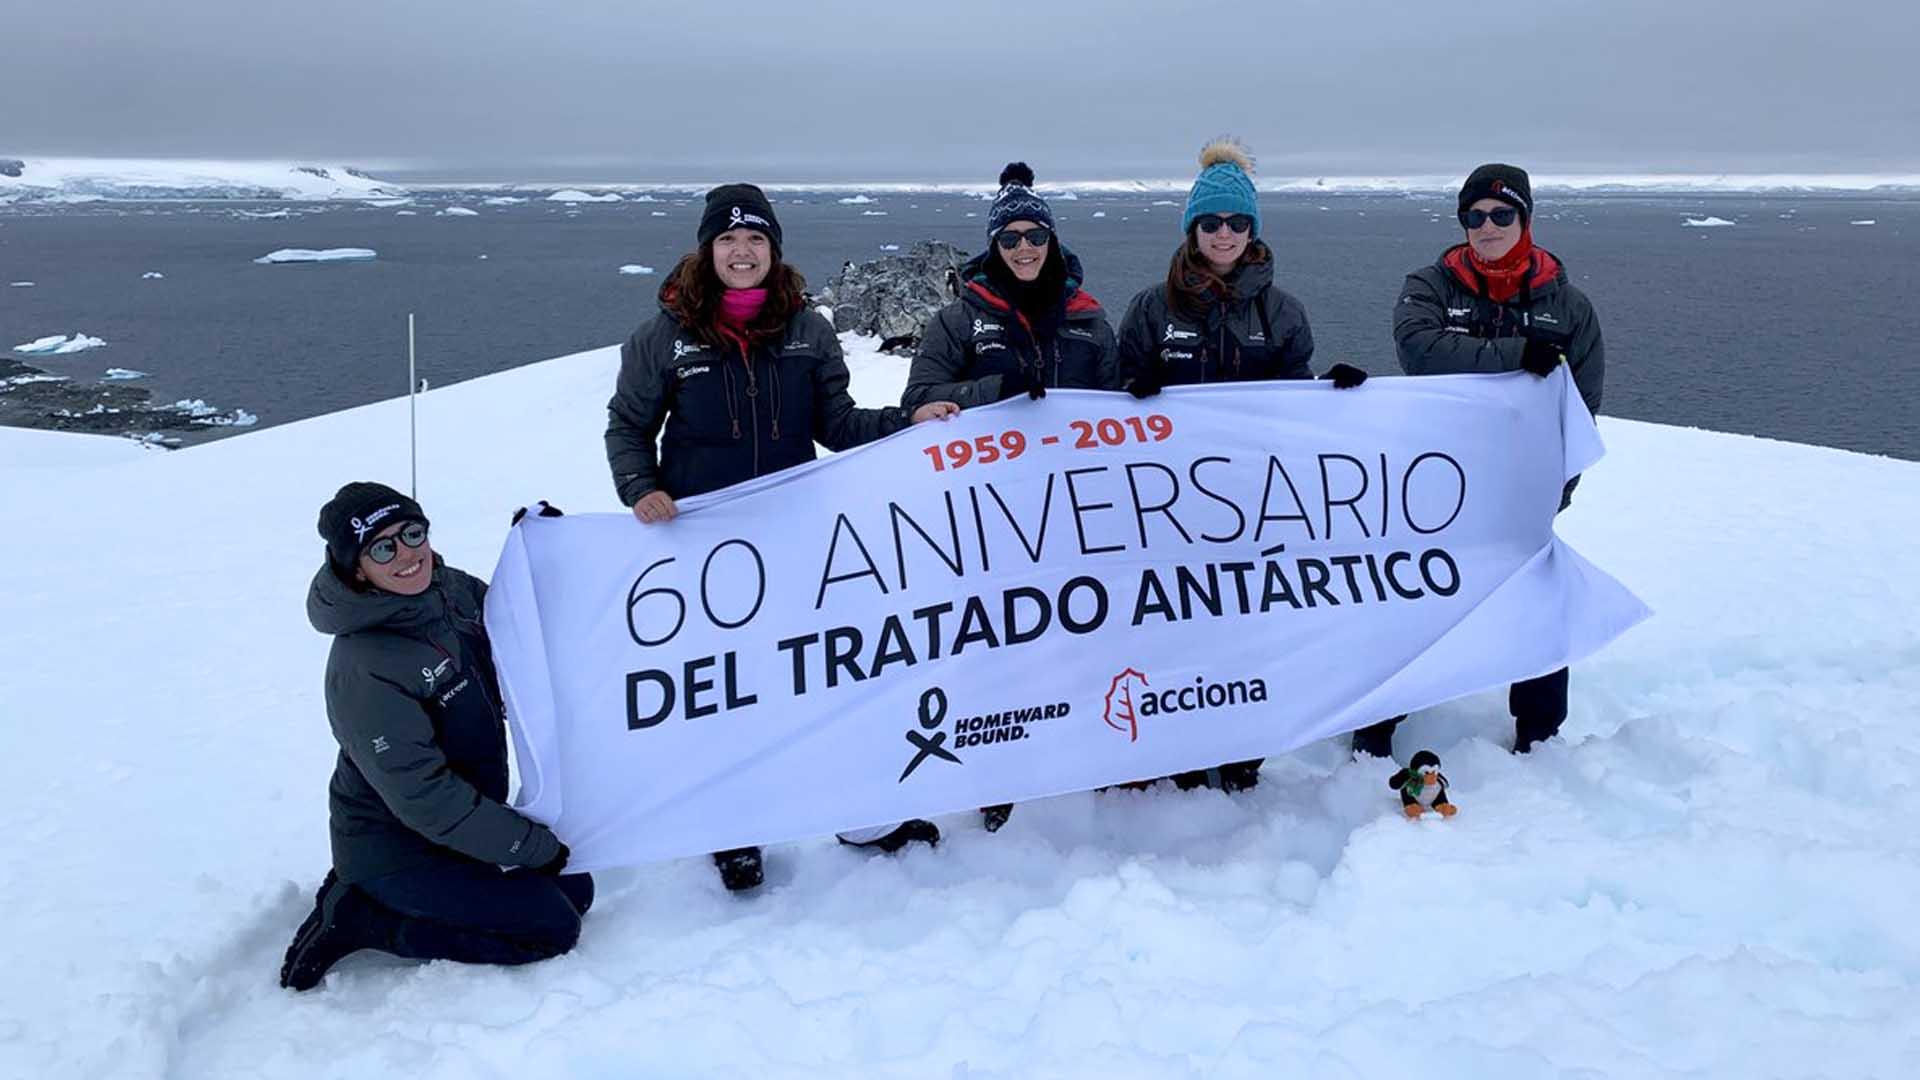 Donne e scienziate con Marga Gual Soler in Antartide